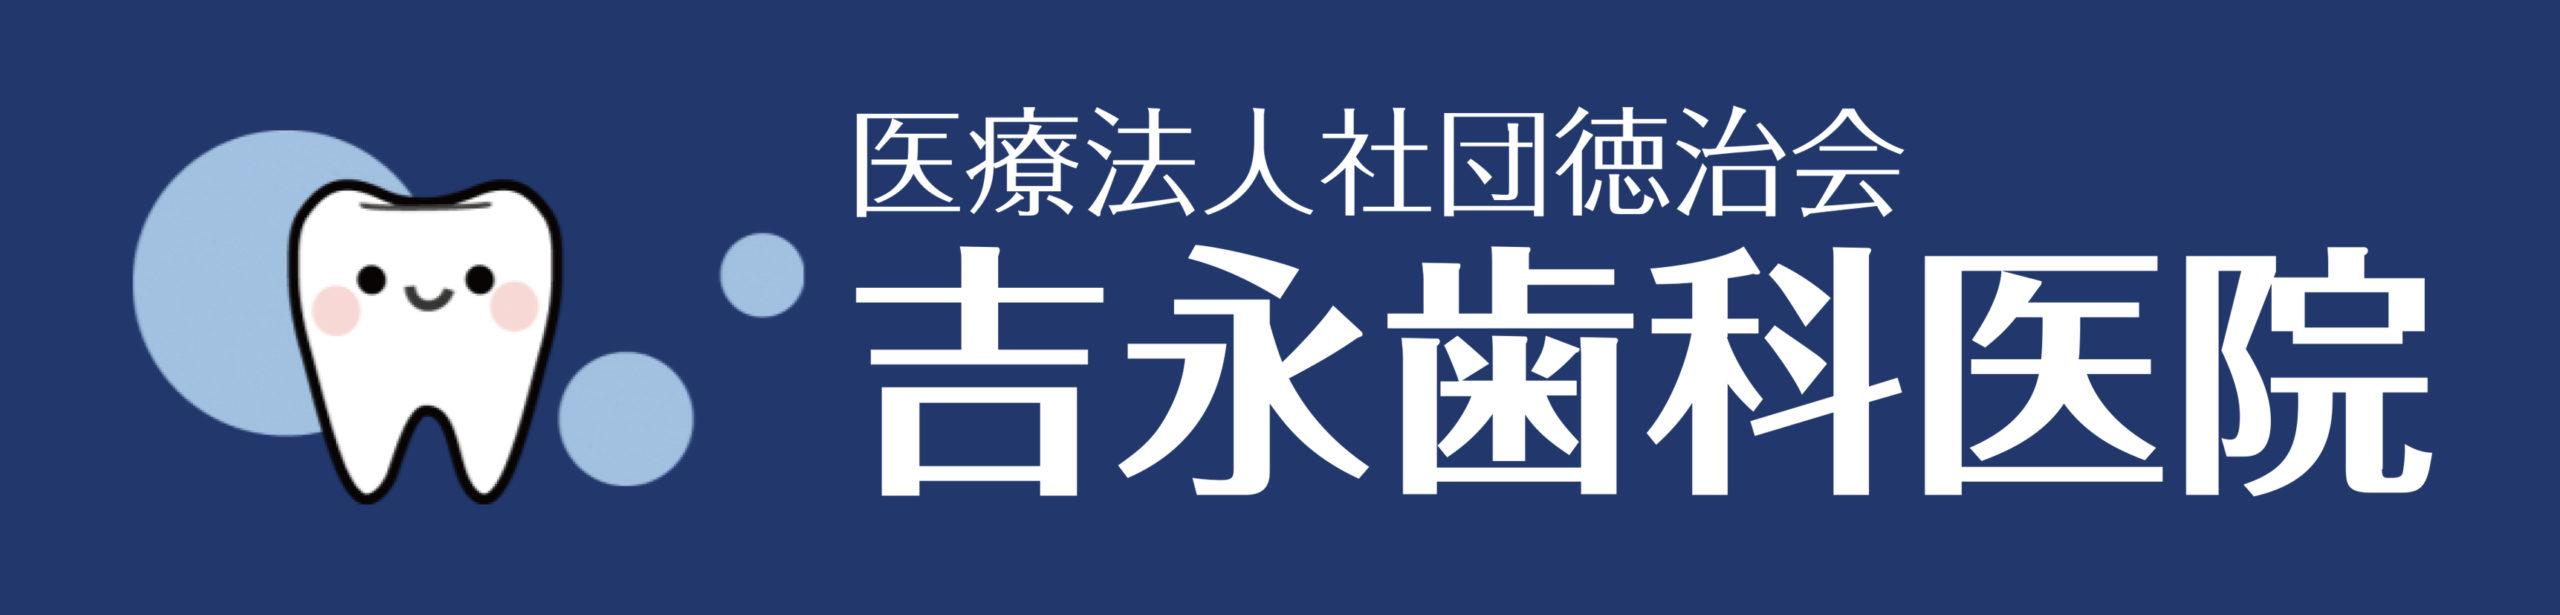 医療法人社団徳治会 吉永歯科医院